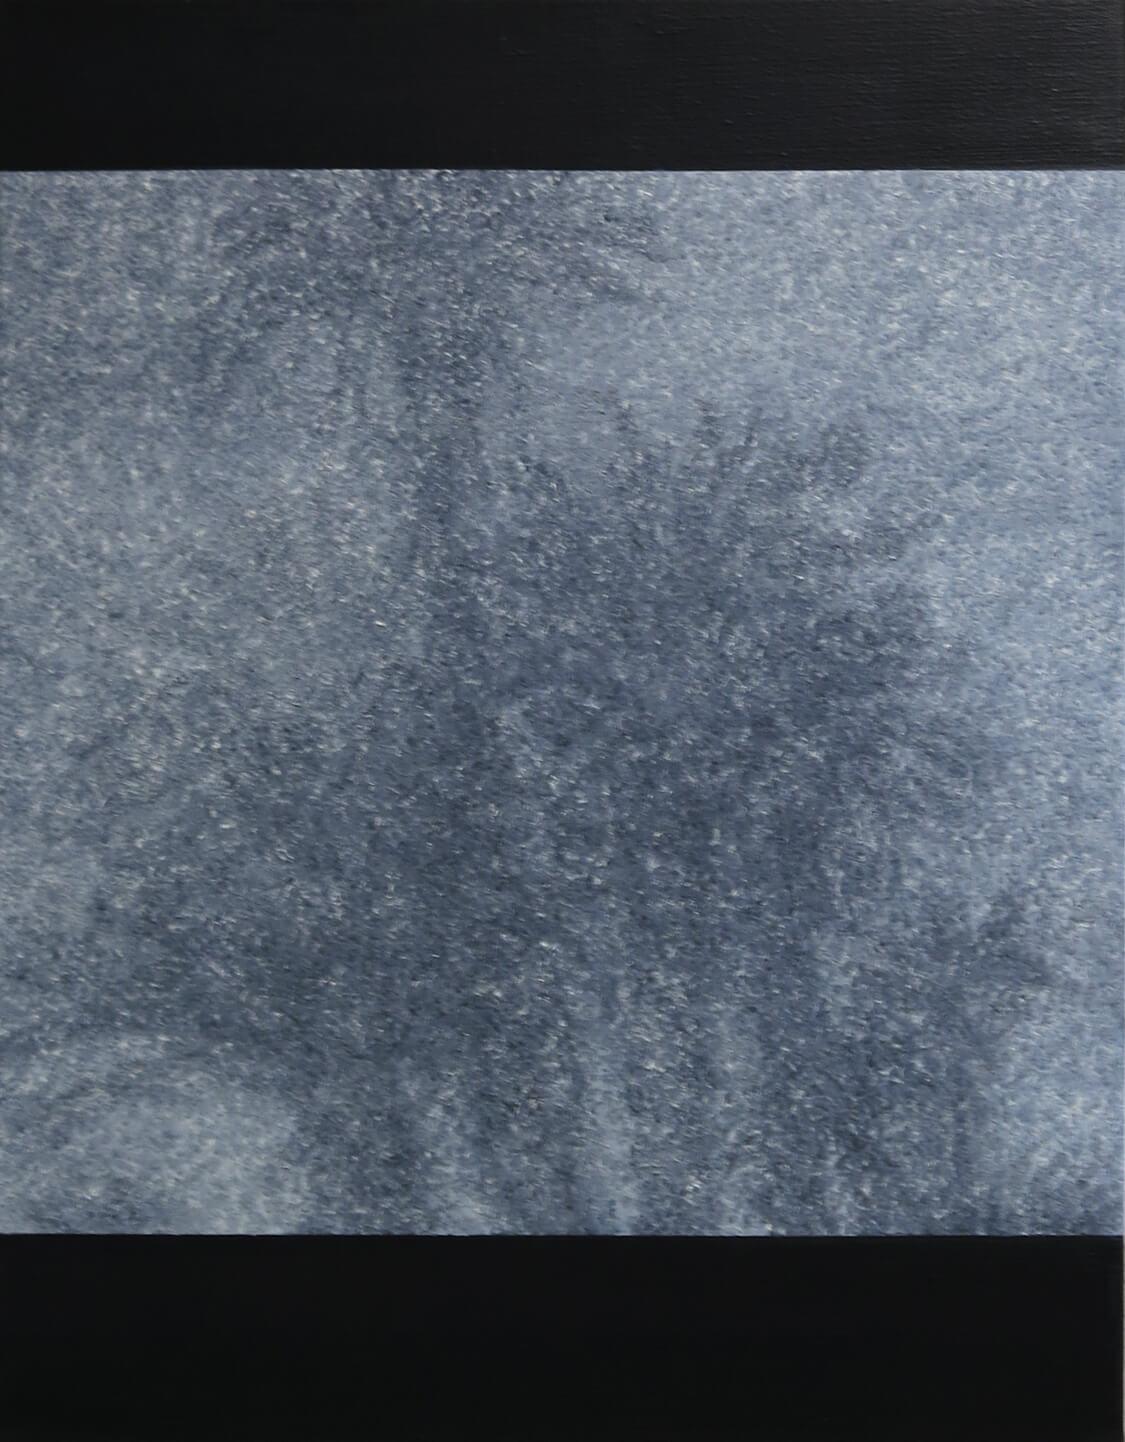 Palmtree II - Oil on Canvas, 90 x 70 cm, 2013